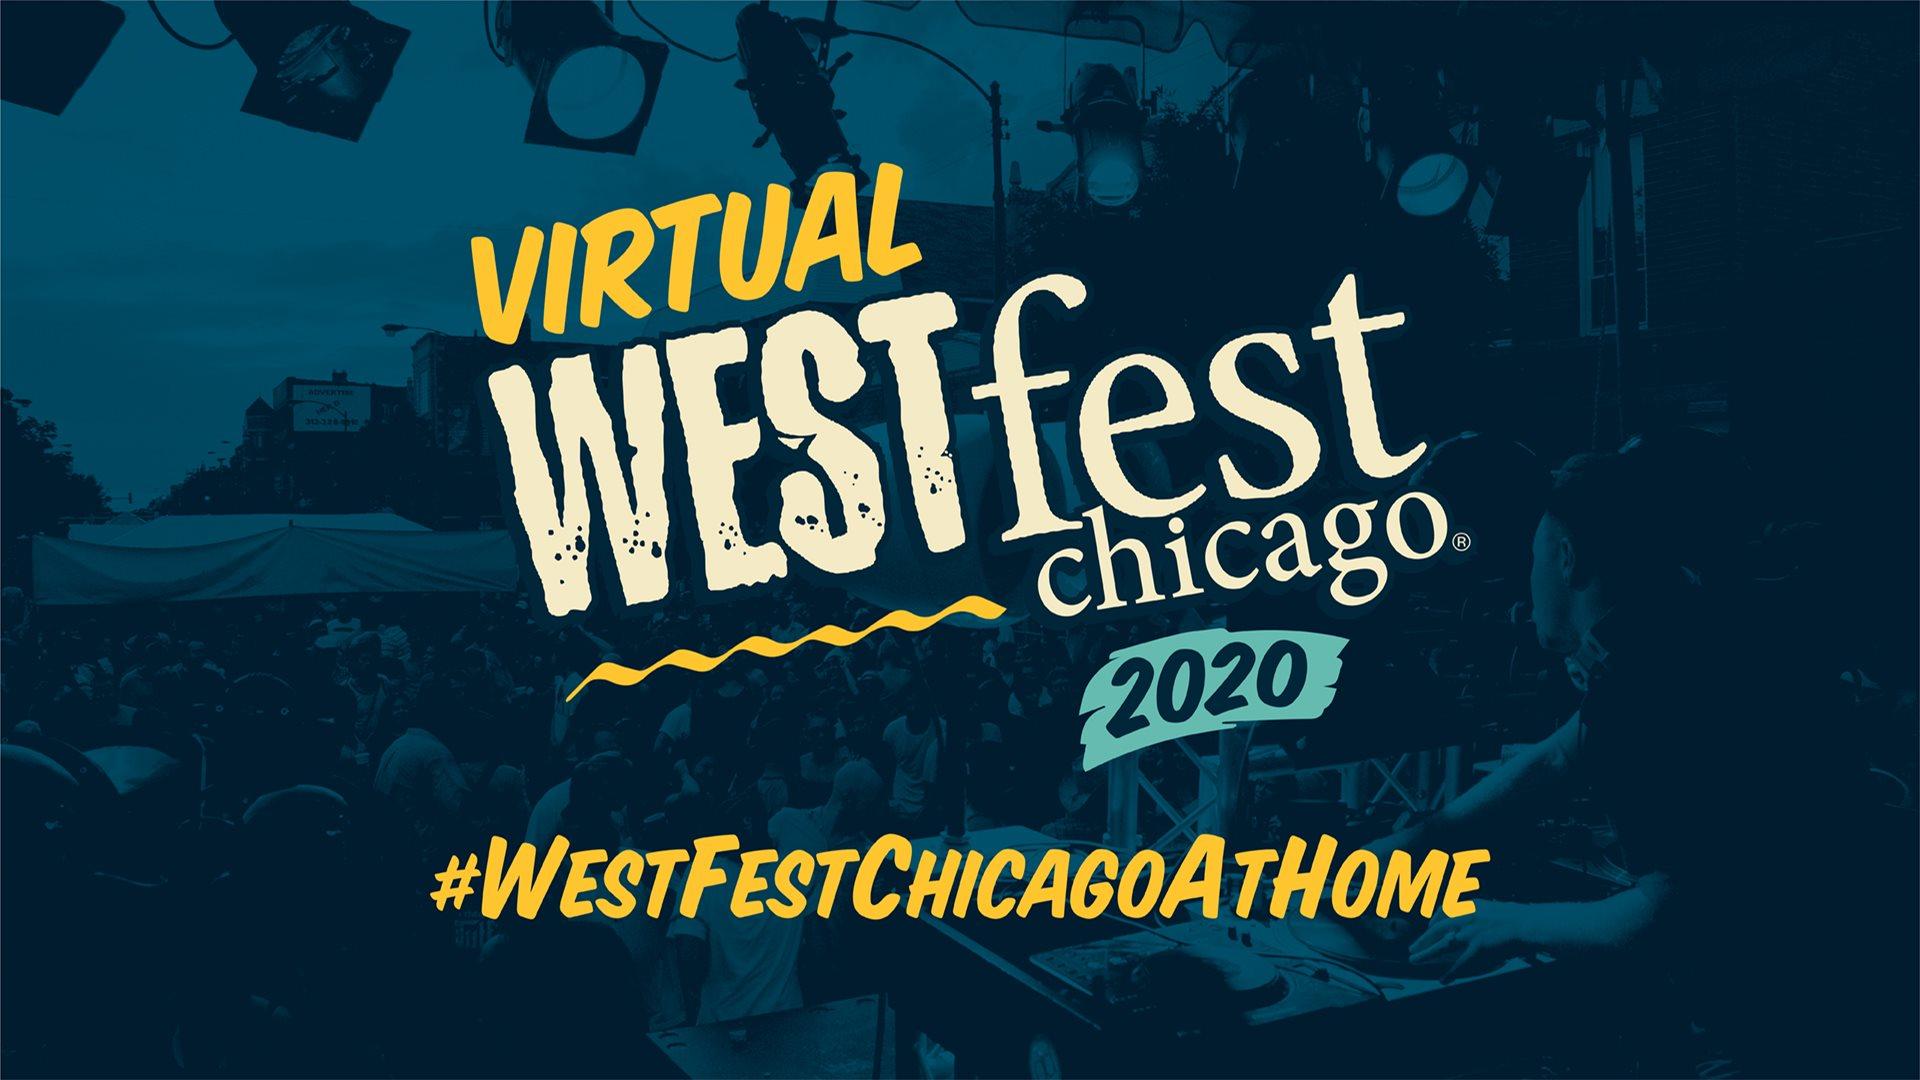 virtual west fest